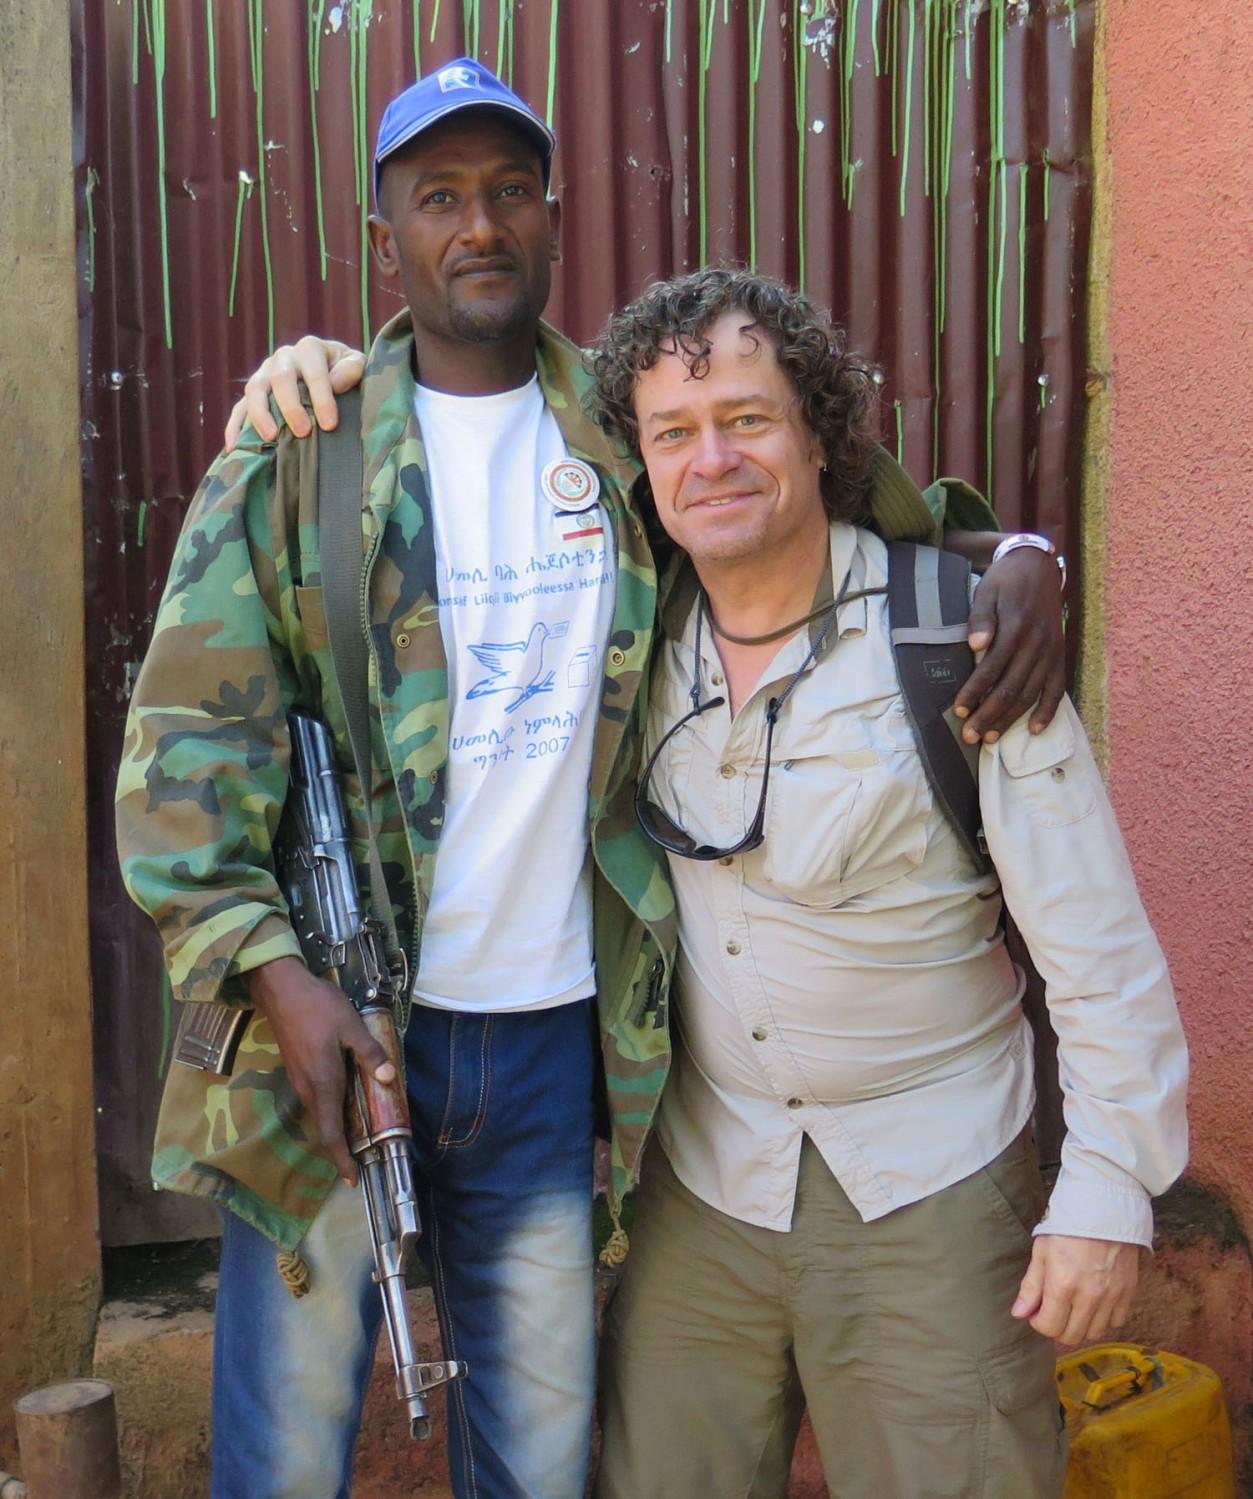 Ethiopia-Harar-Mohammed-Suker-Frank-Peter